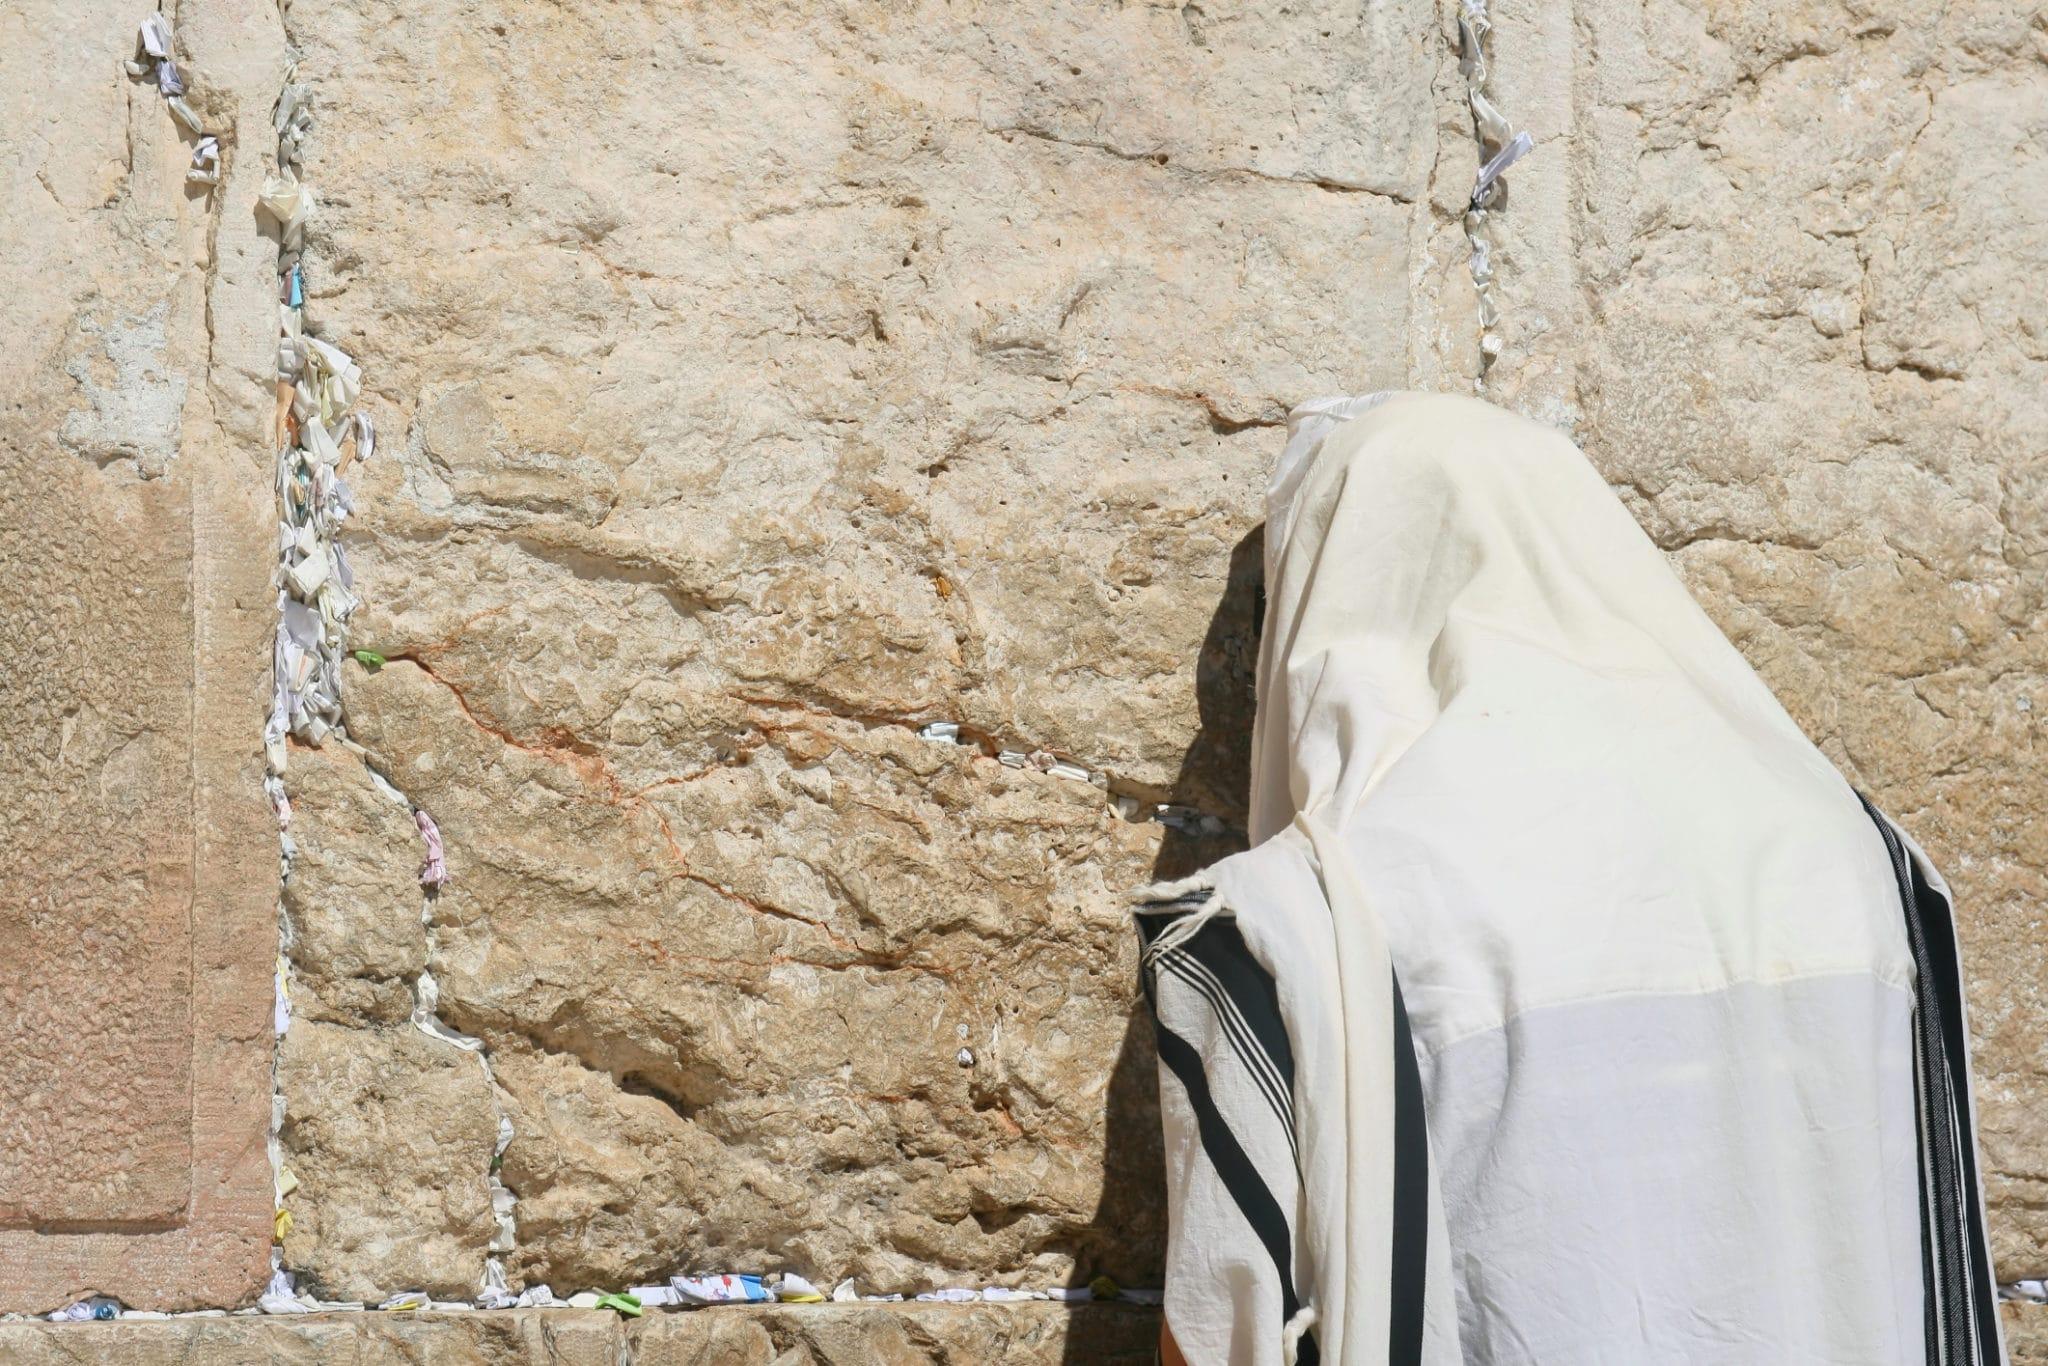 How do I find a true rabbi?